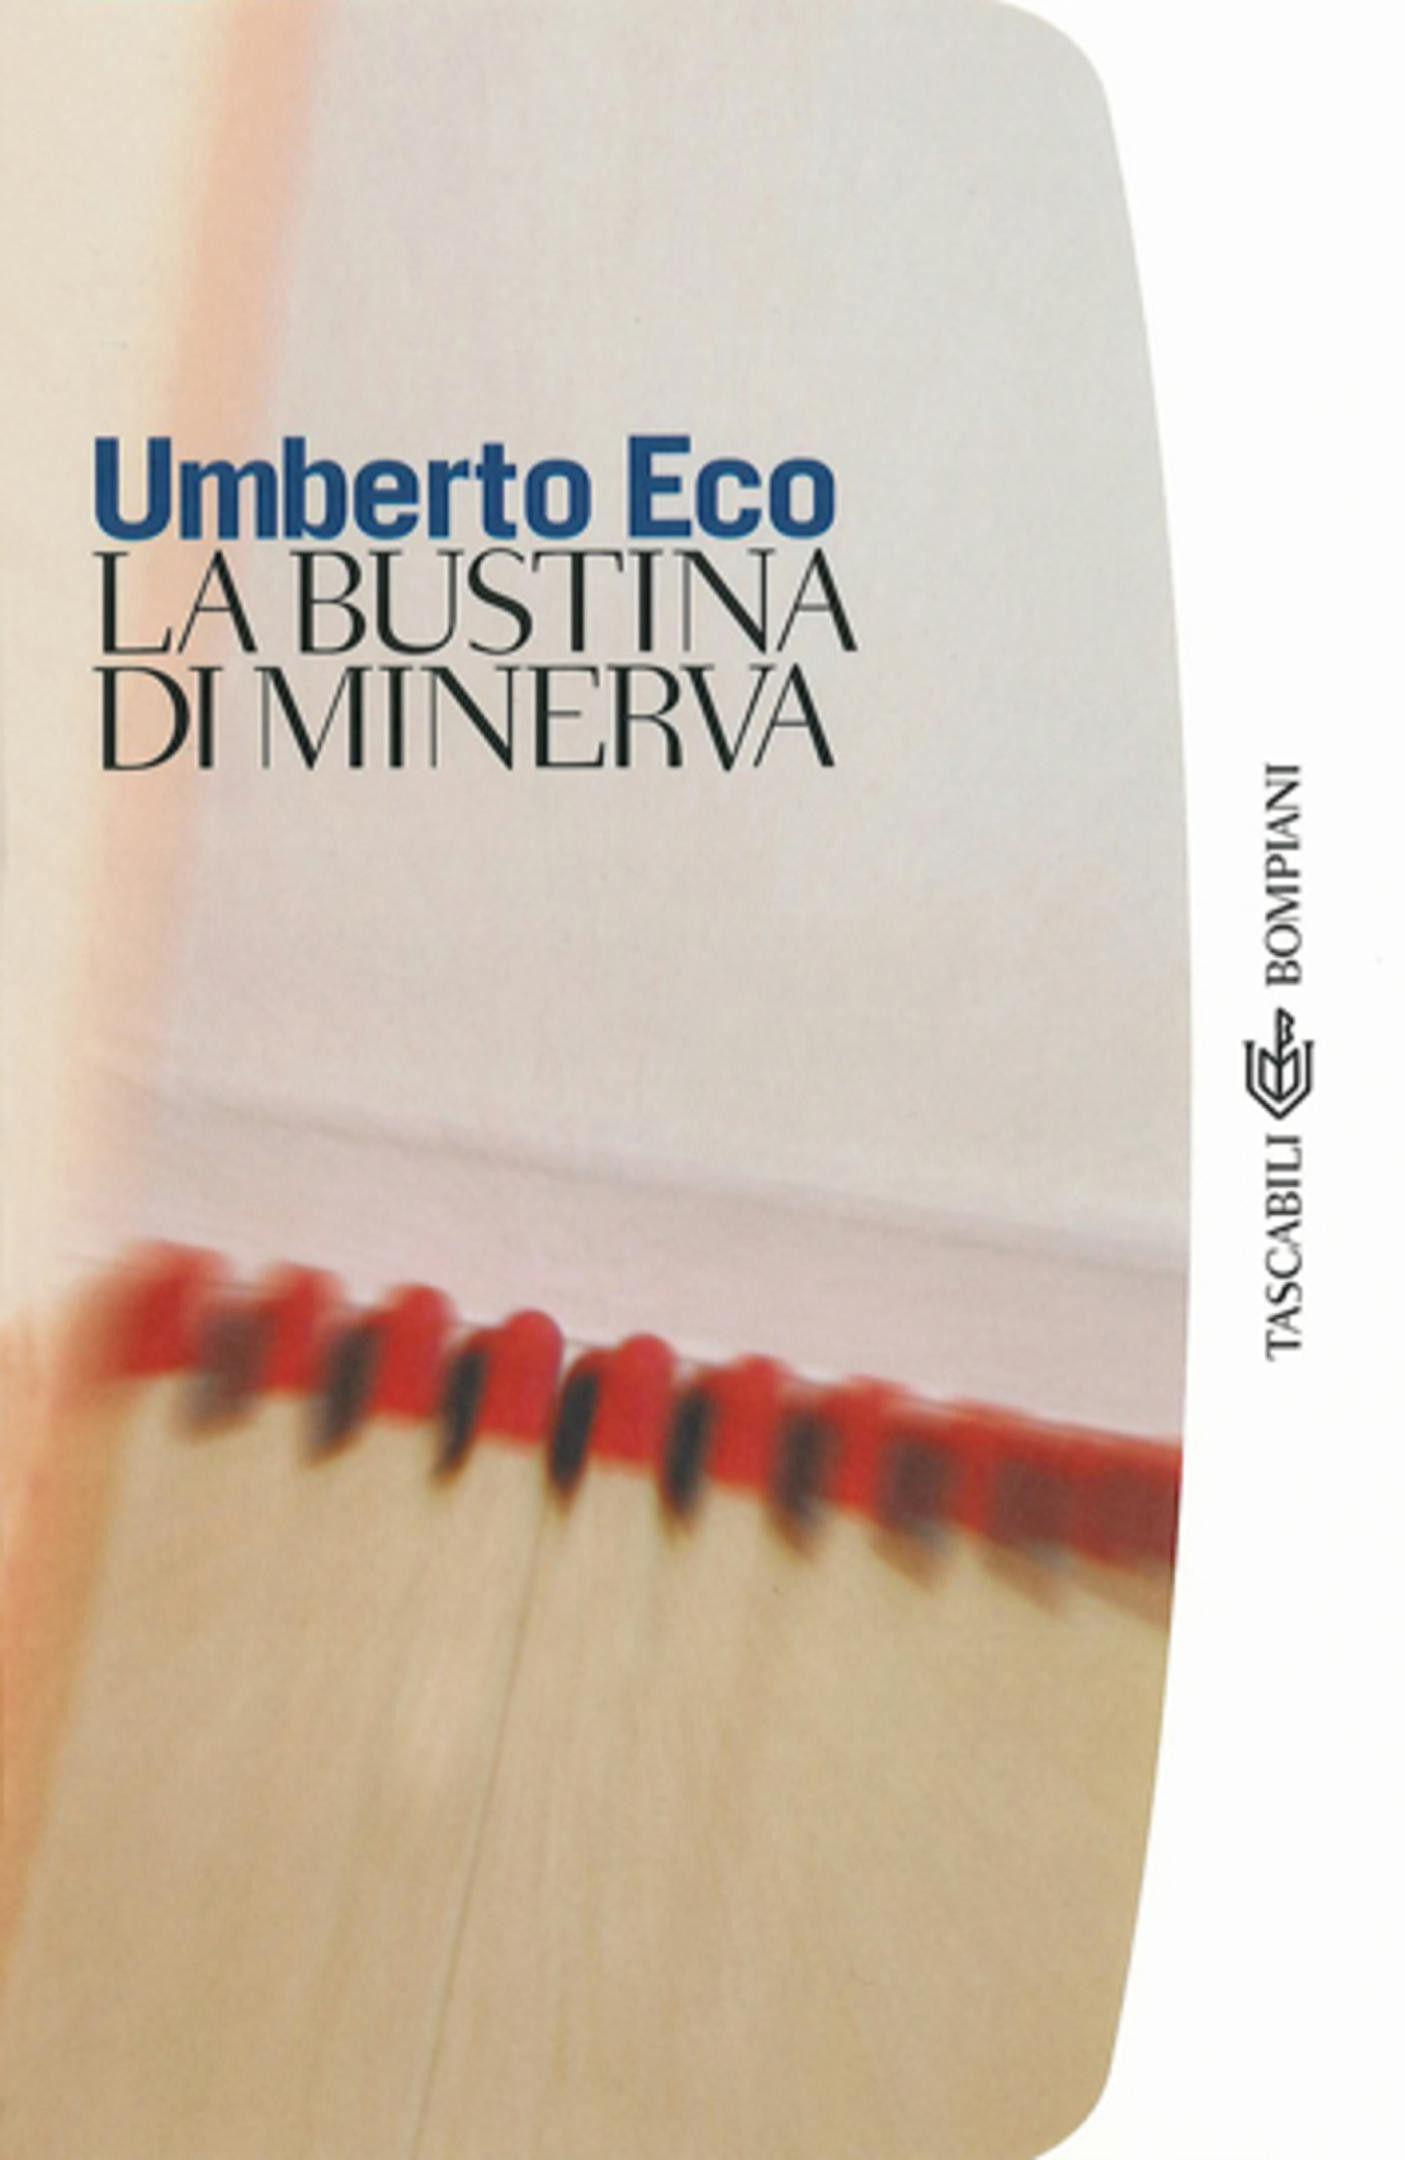 la bustina di minerva, eco, cover